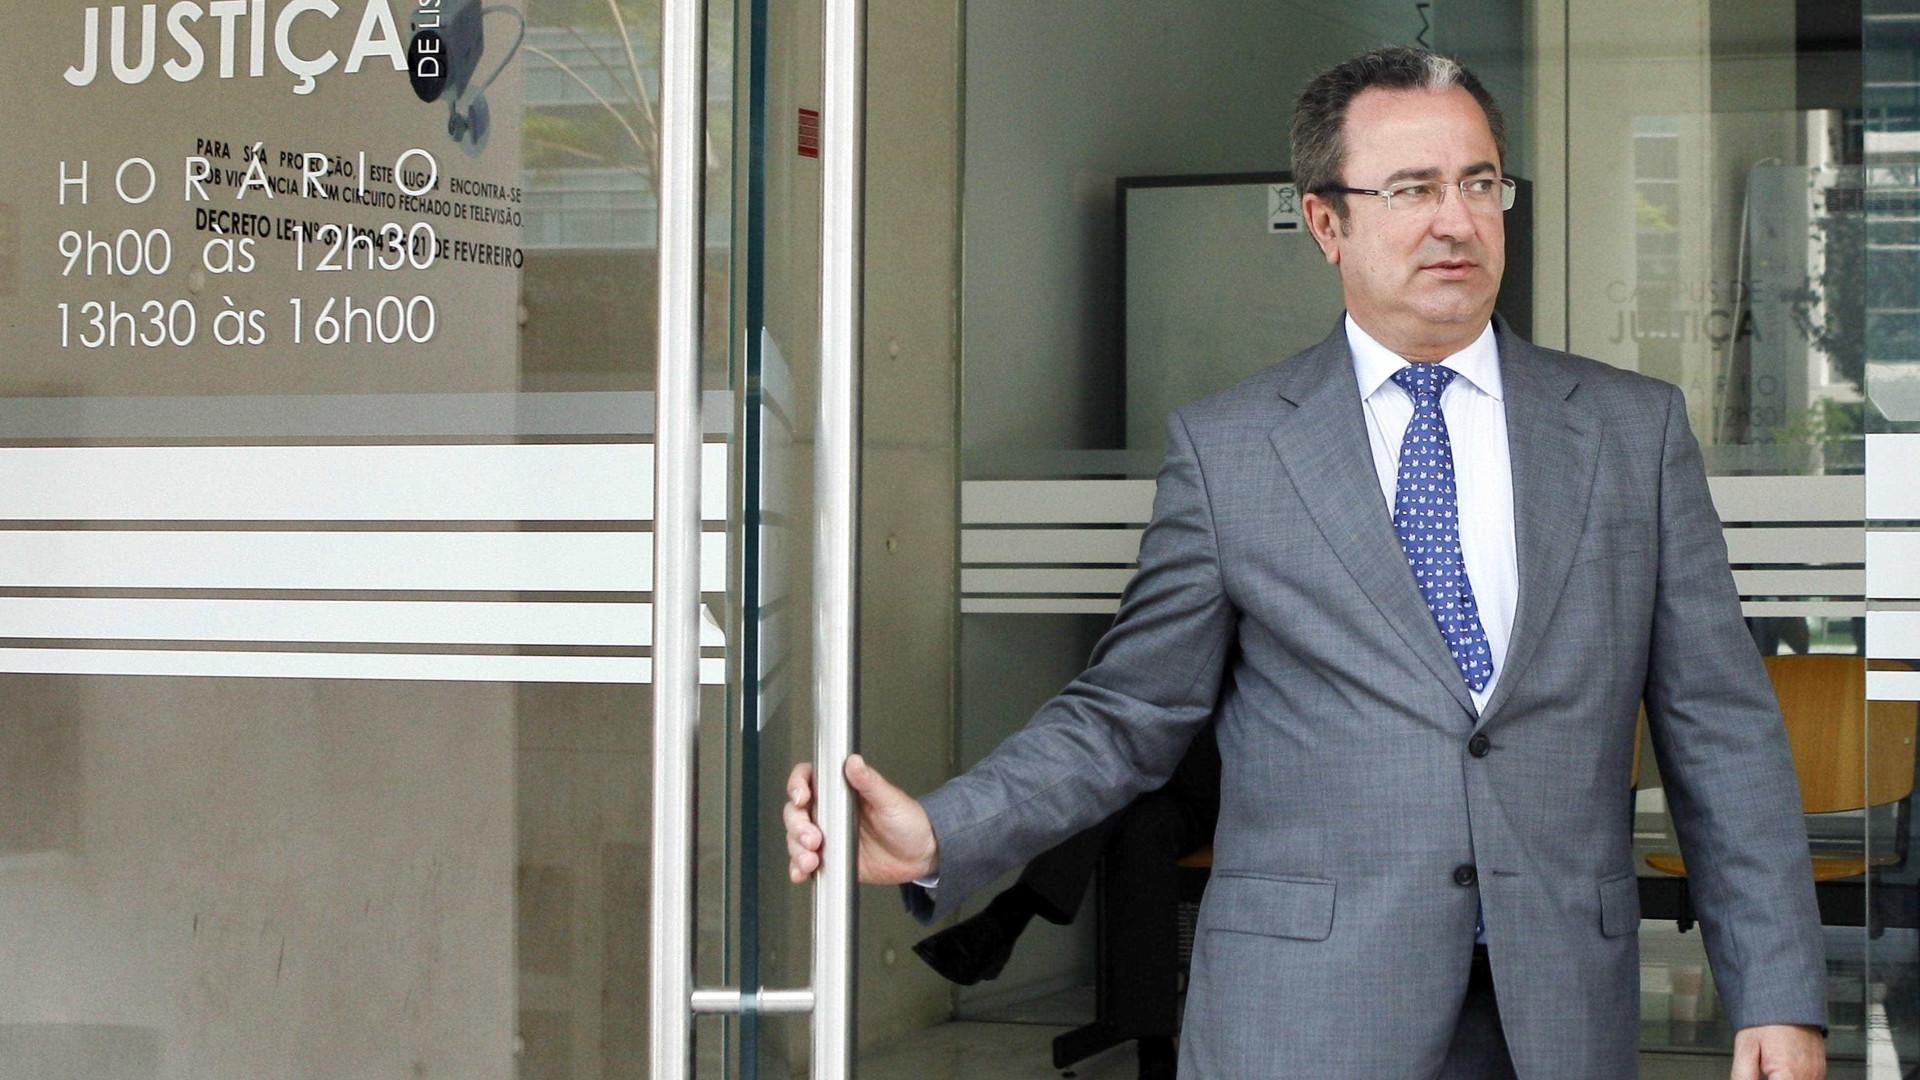 Ricardo Rodrigues condenado no caso dos gravadores